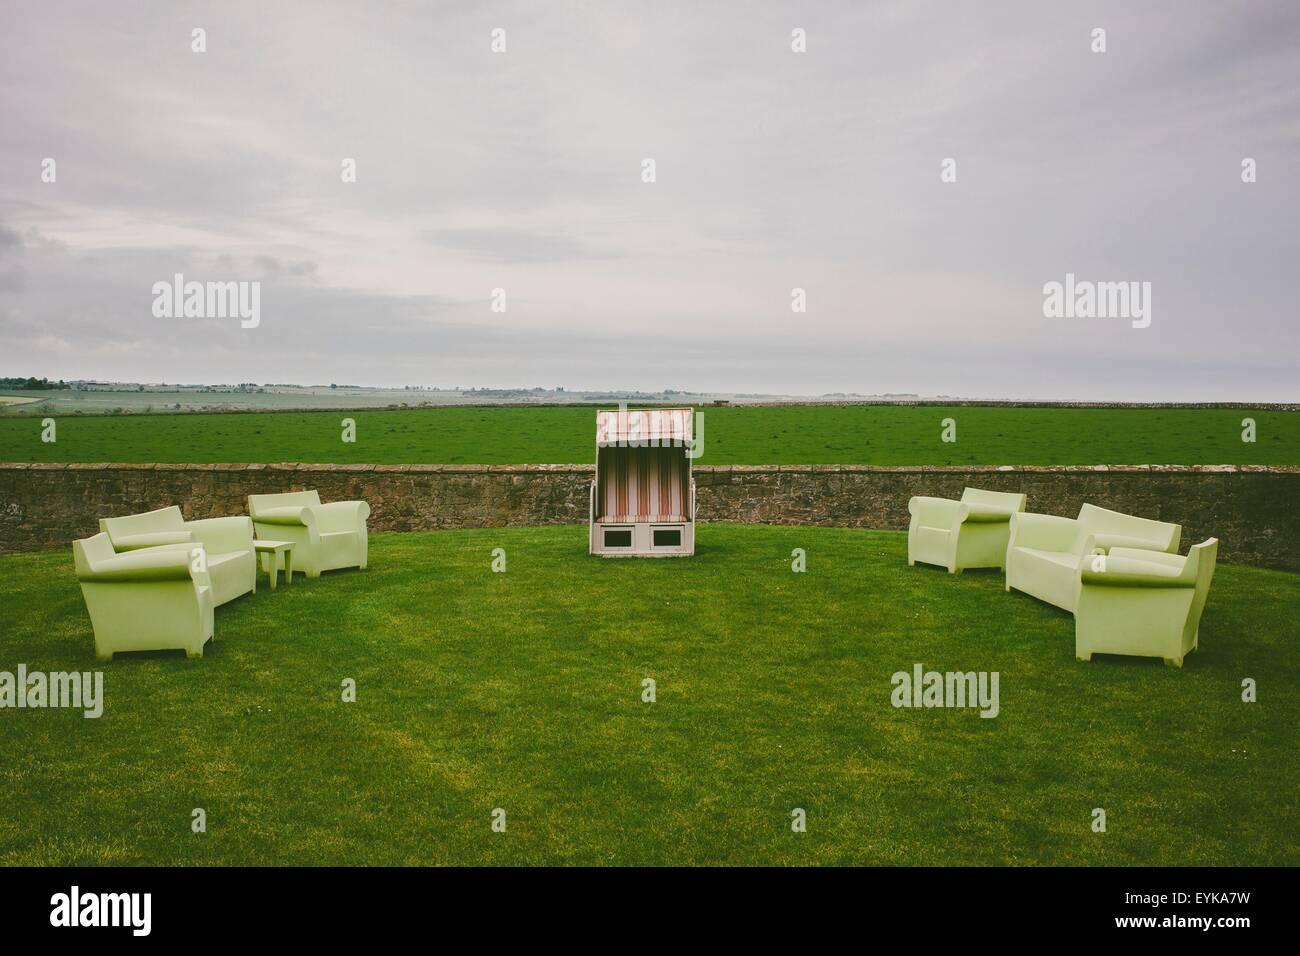 Sofa On Lawn Immagini & Sofa On Lawn Fotos Stock - Alamy